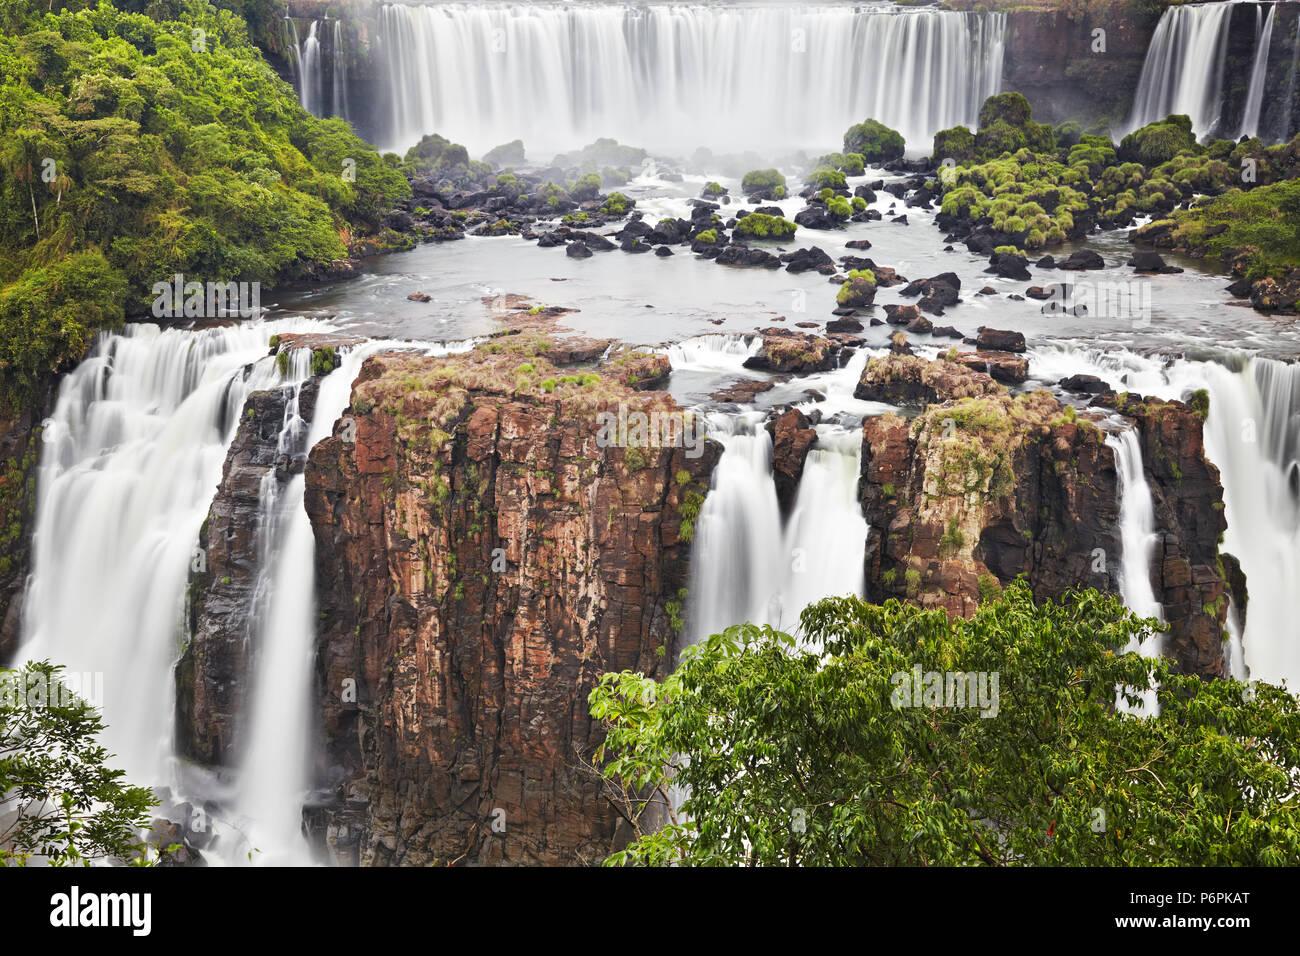 Las Cataratas de Iguazú, el mayor conjunto de cataratas del mundo, situado en la frontera de Brasil y Argentina, vista desde el lado brasileño Imagen De Stock